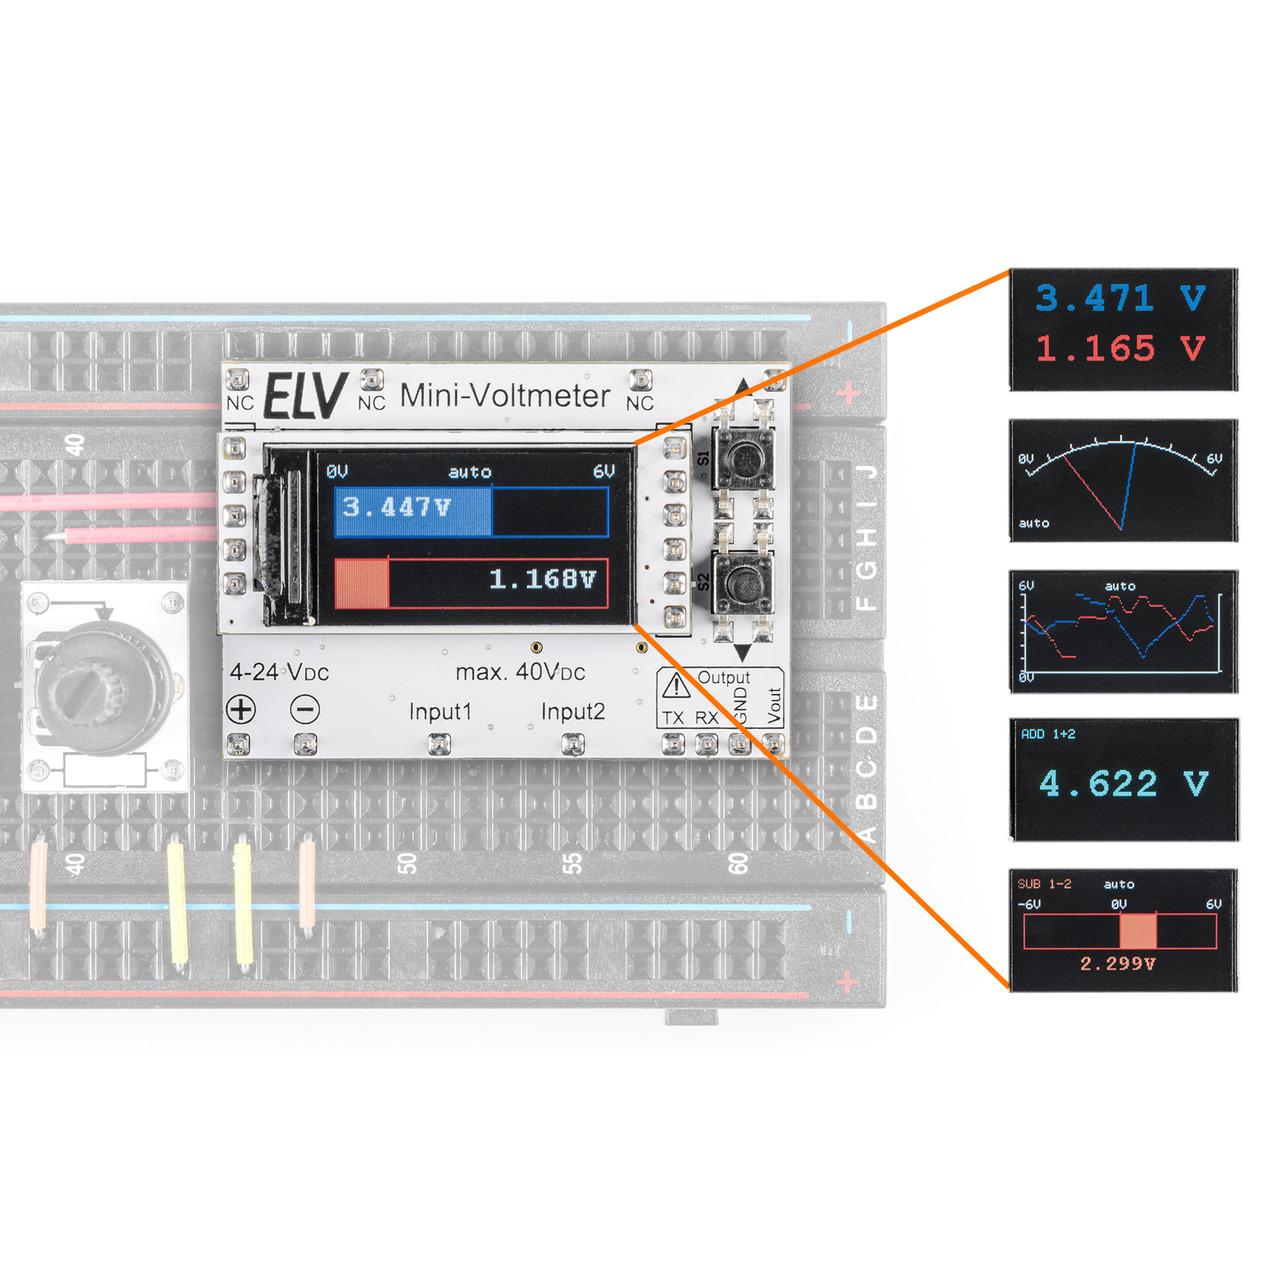 ELV Bausatz Mini-Voltmeter für Steckboards mit TFT-Display- MVM1